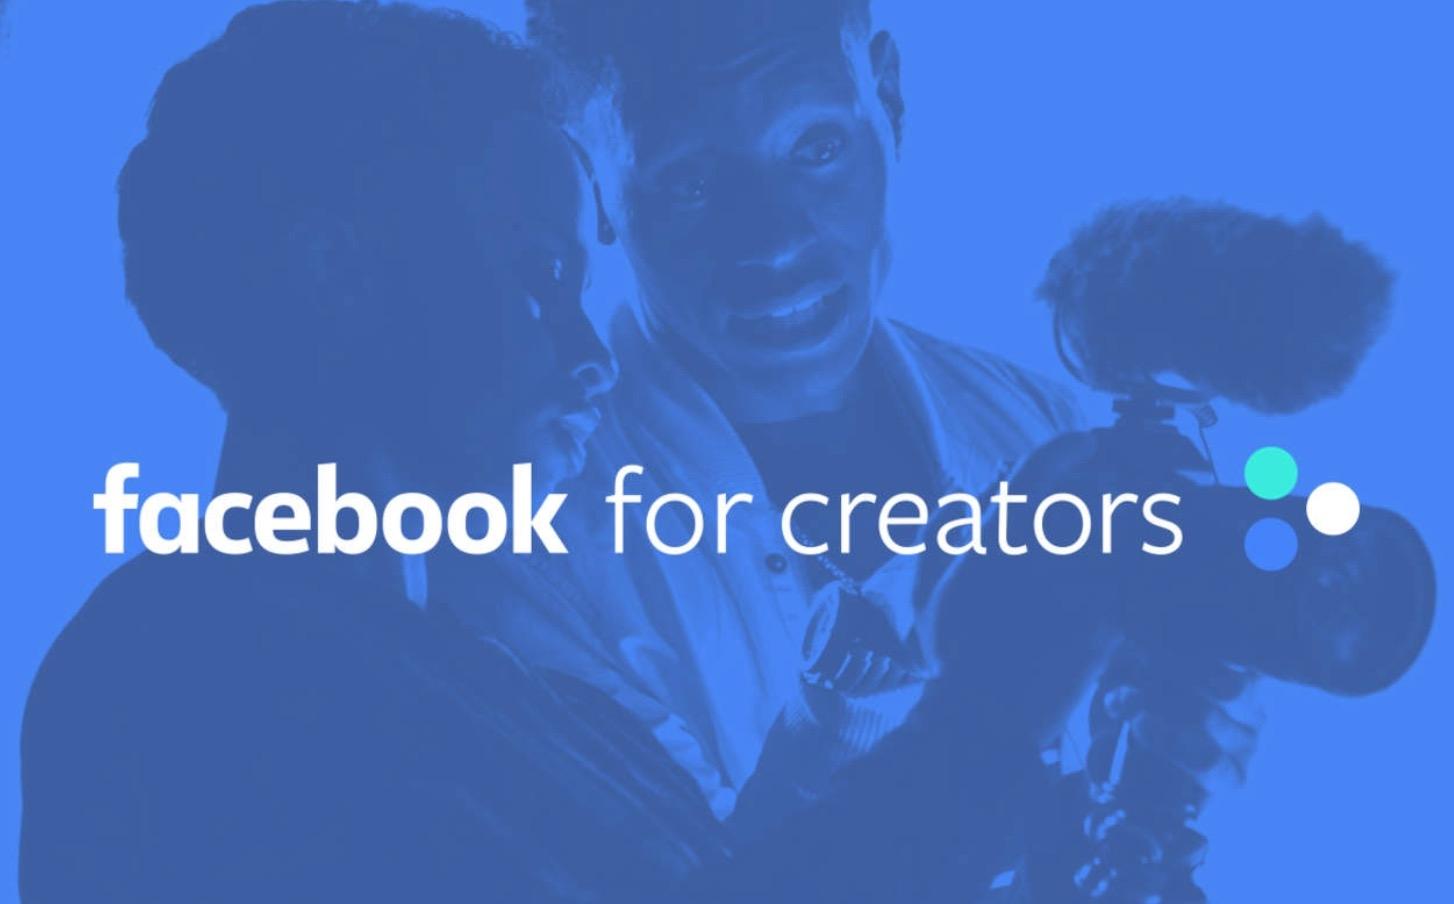 Facebook lanzó una herramienta para crear videos